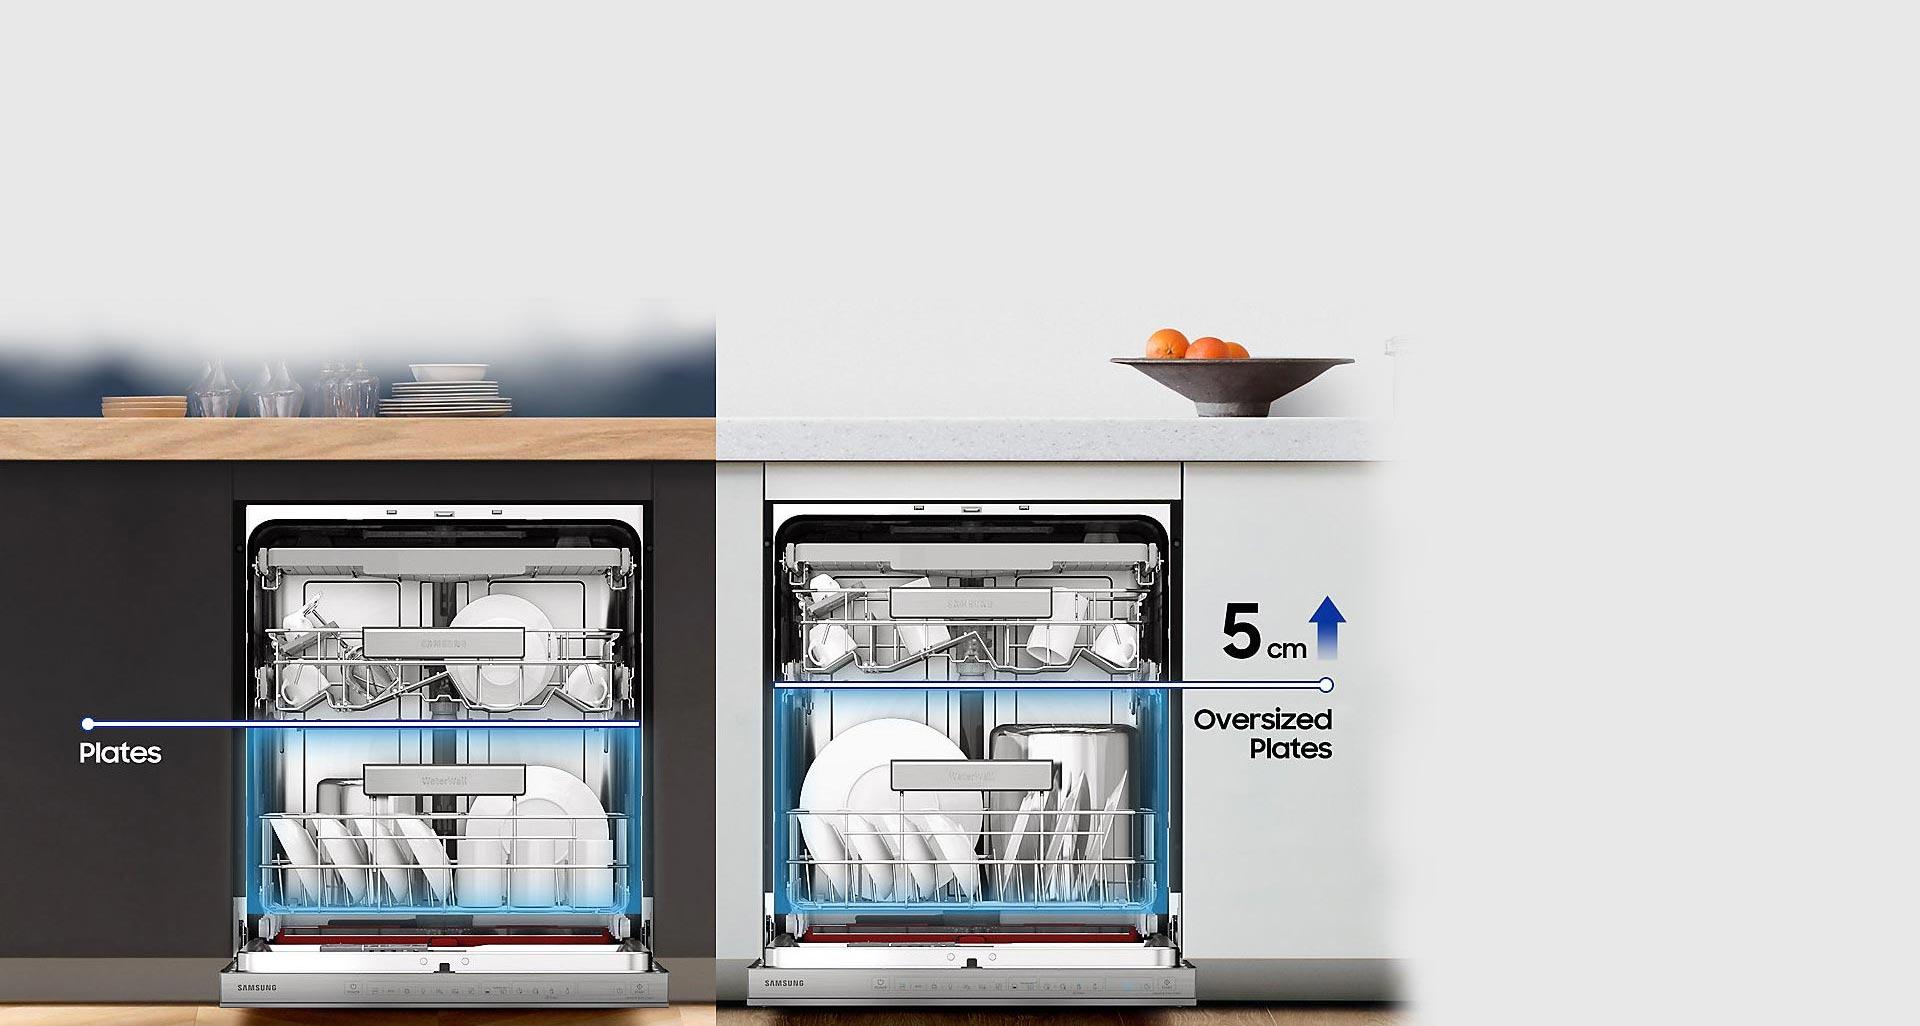 ماشین ظرفشویی D164 با سیستم Easy Load